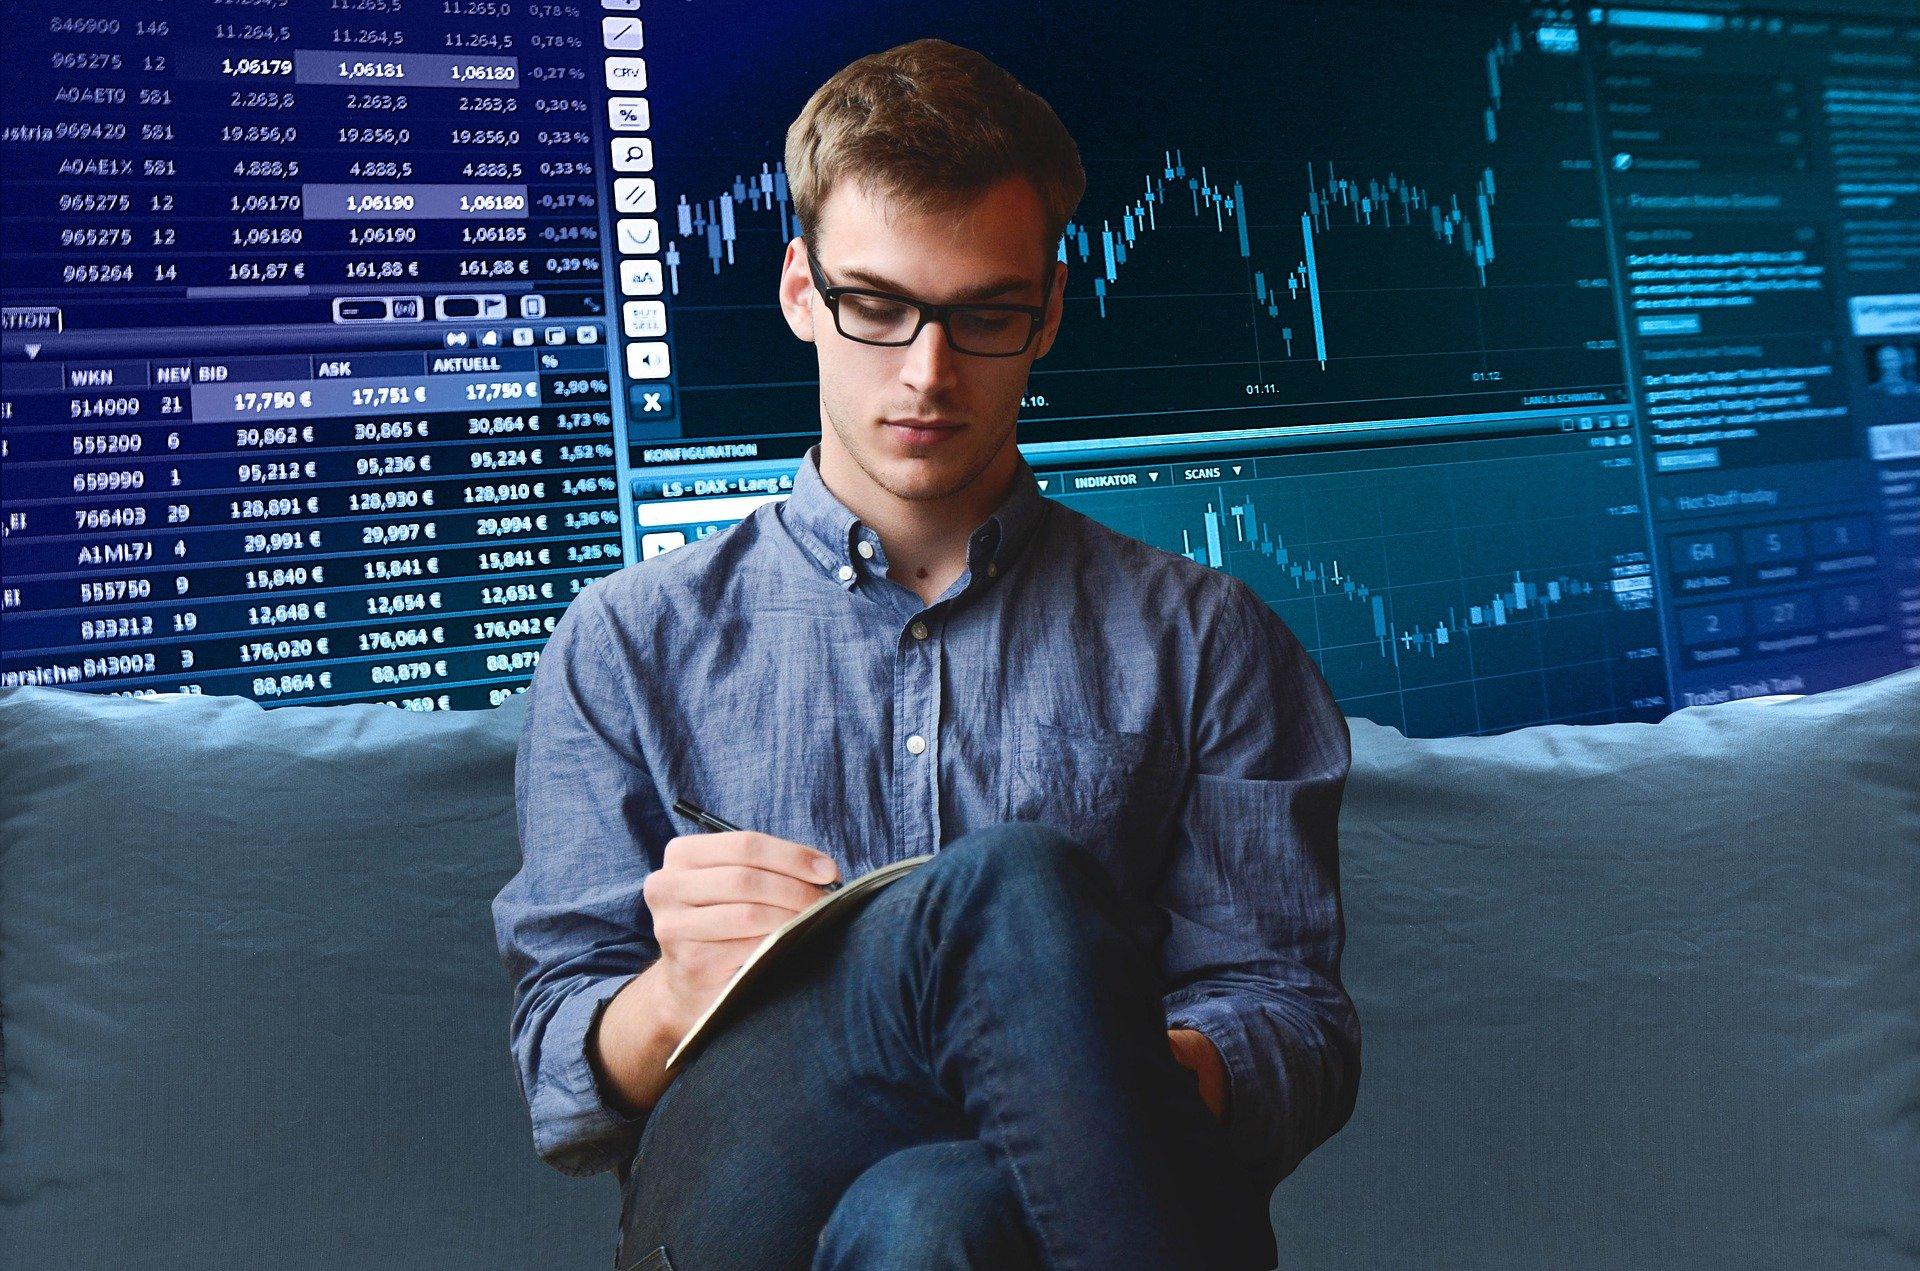 trader giełda kryptowalut